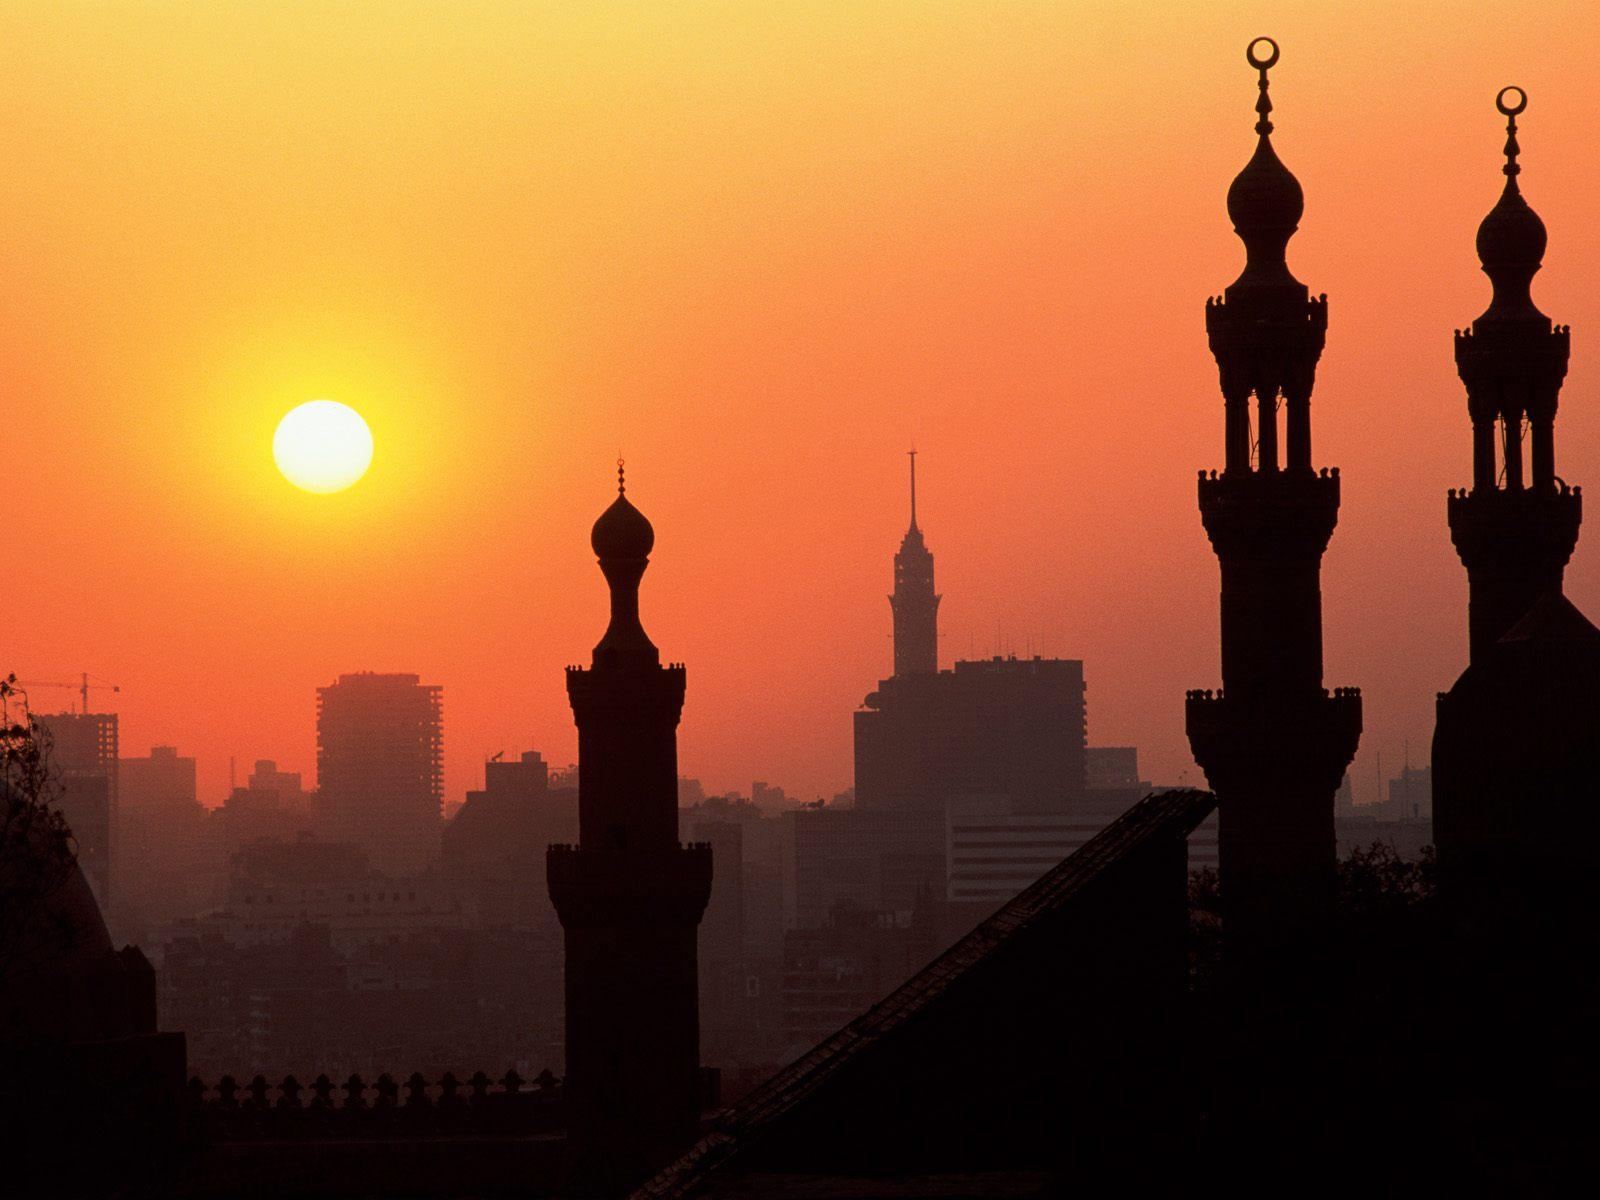 桌面埃及人口城市分布